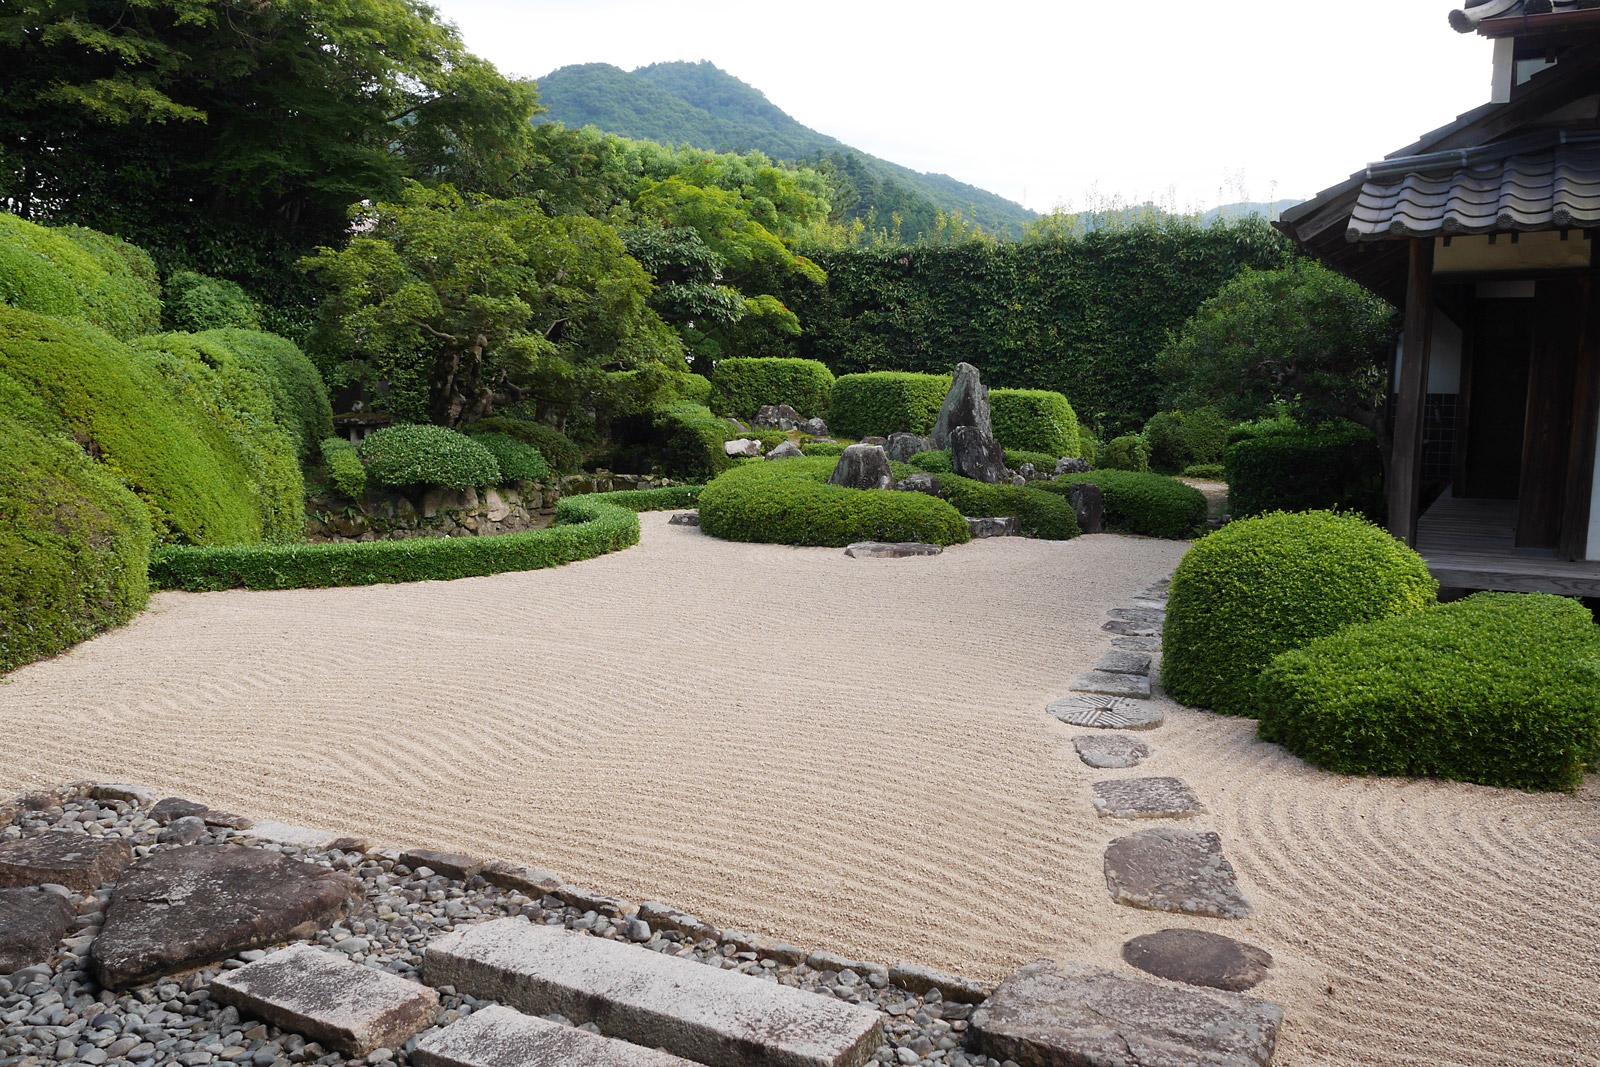 天柱山 頼久寺の枯山水庭園